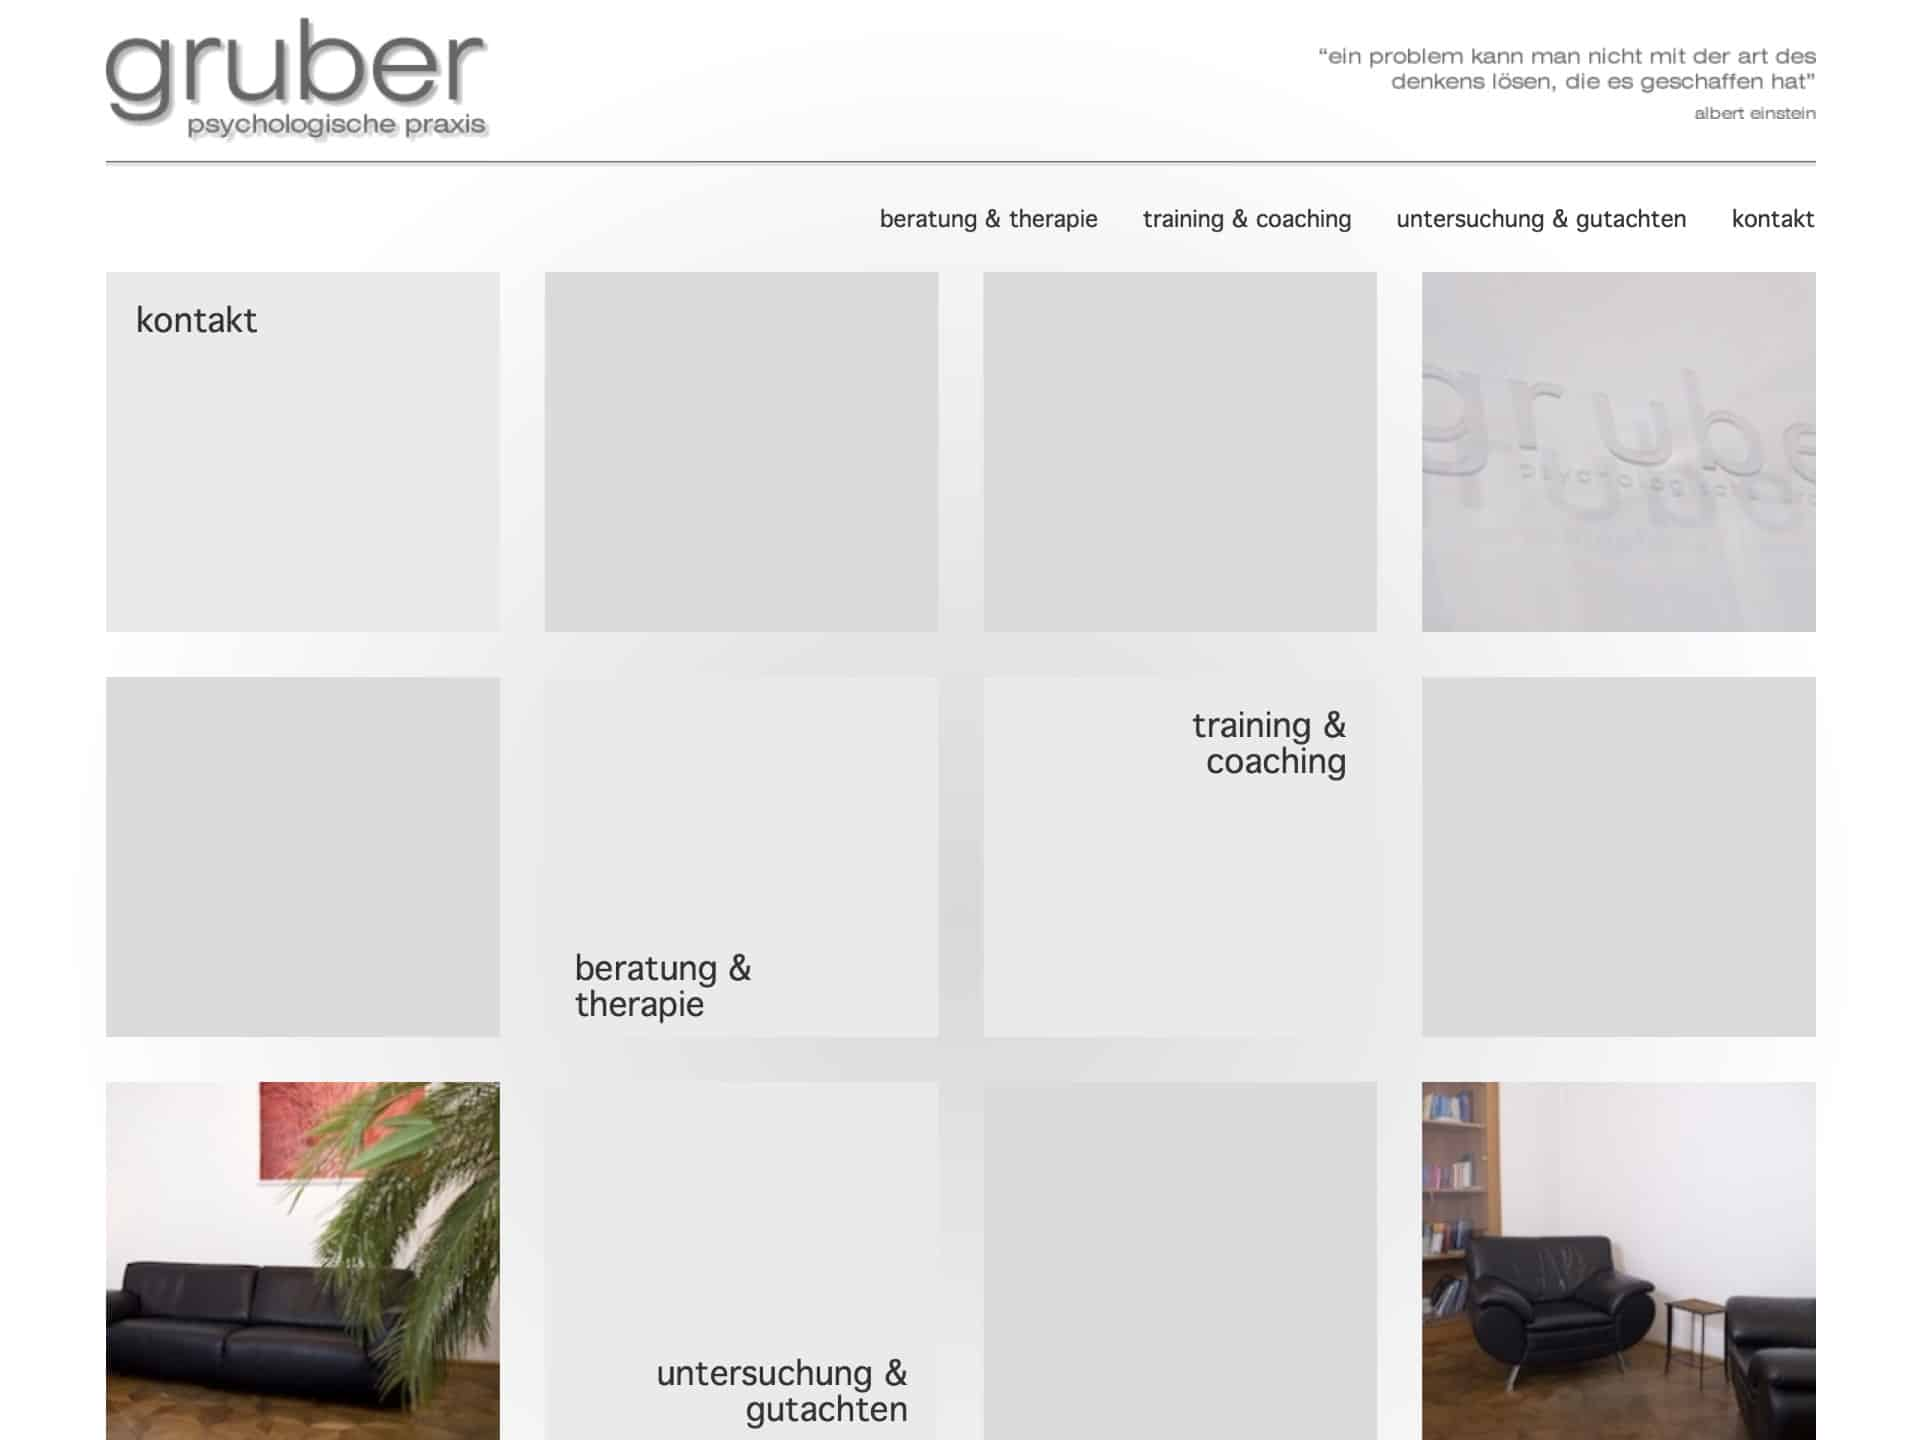 Psychotherapie und psychologische Beratung Dr. Gruber Website